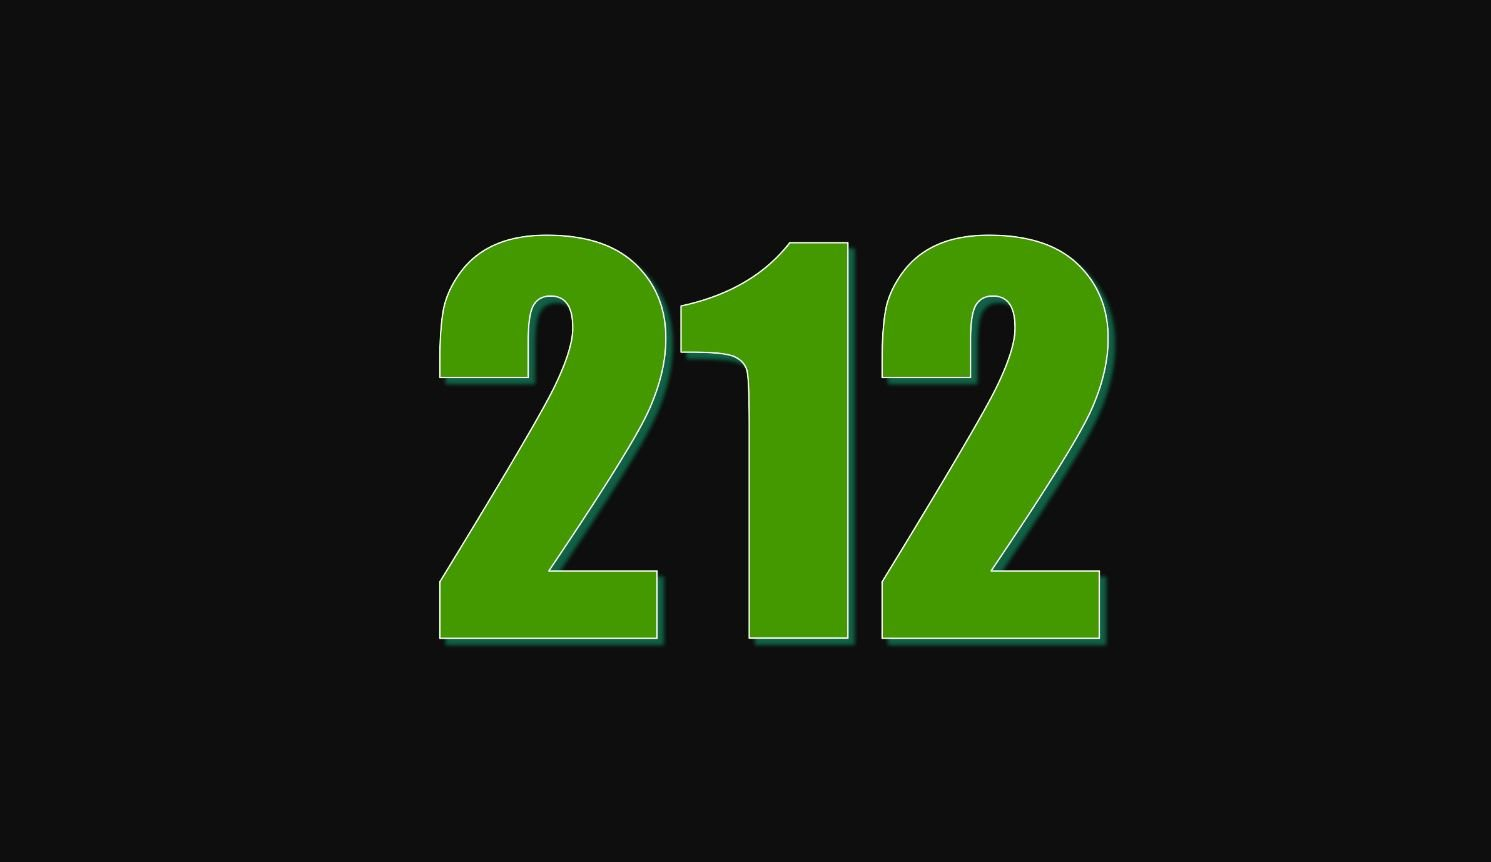 Die Bedeutung der Zahl 212